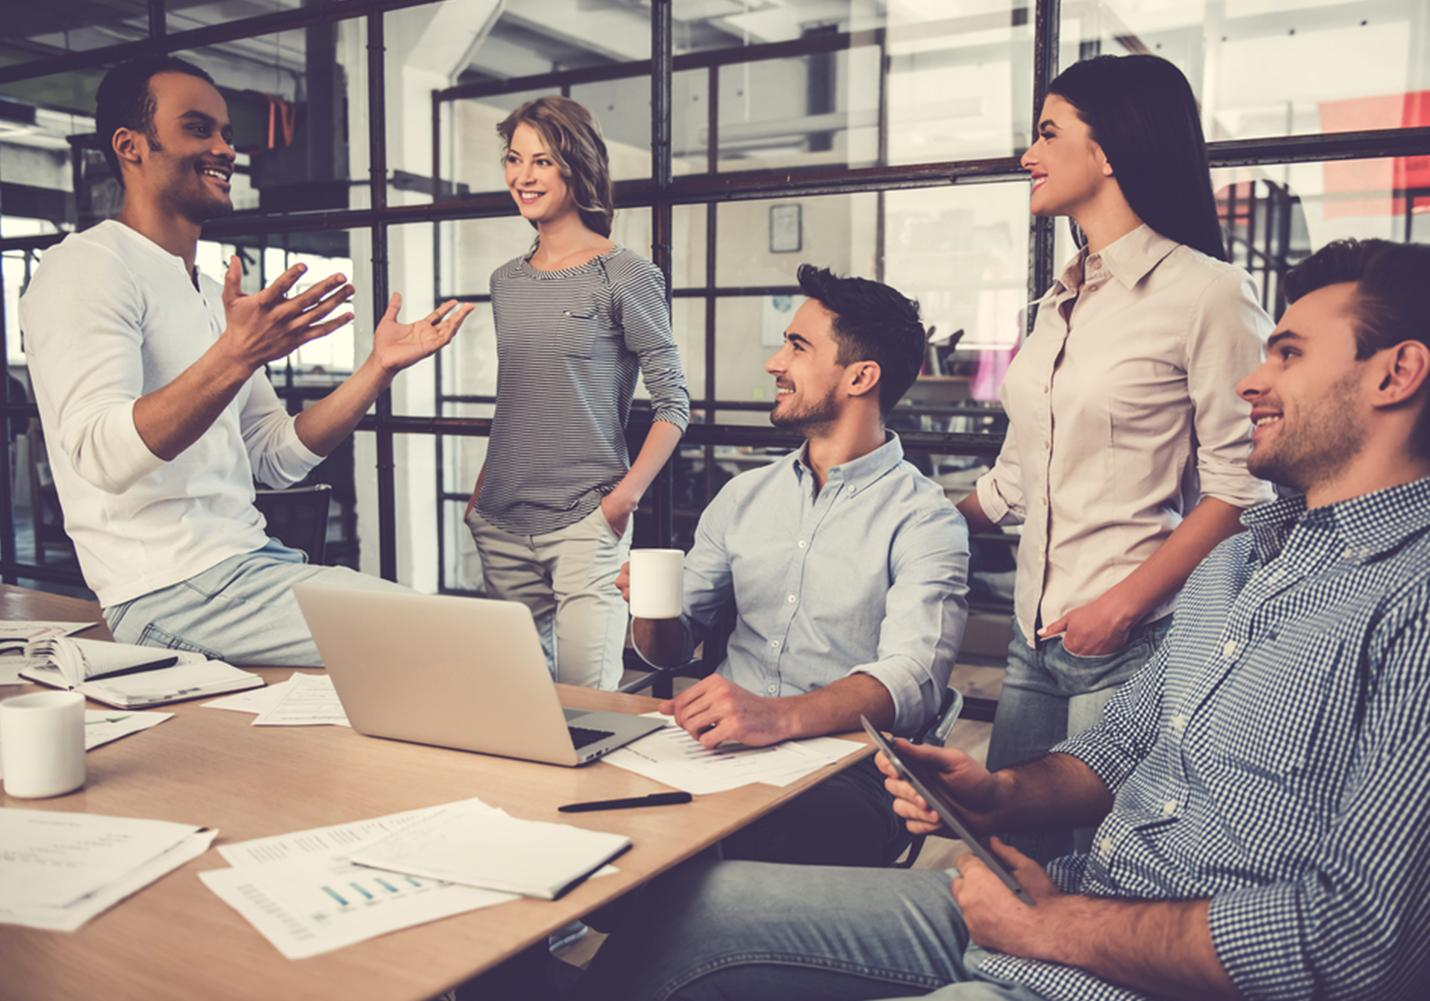 DevOps culture traits in organizations